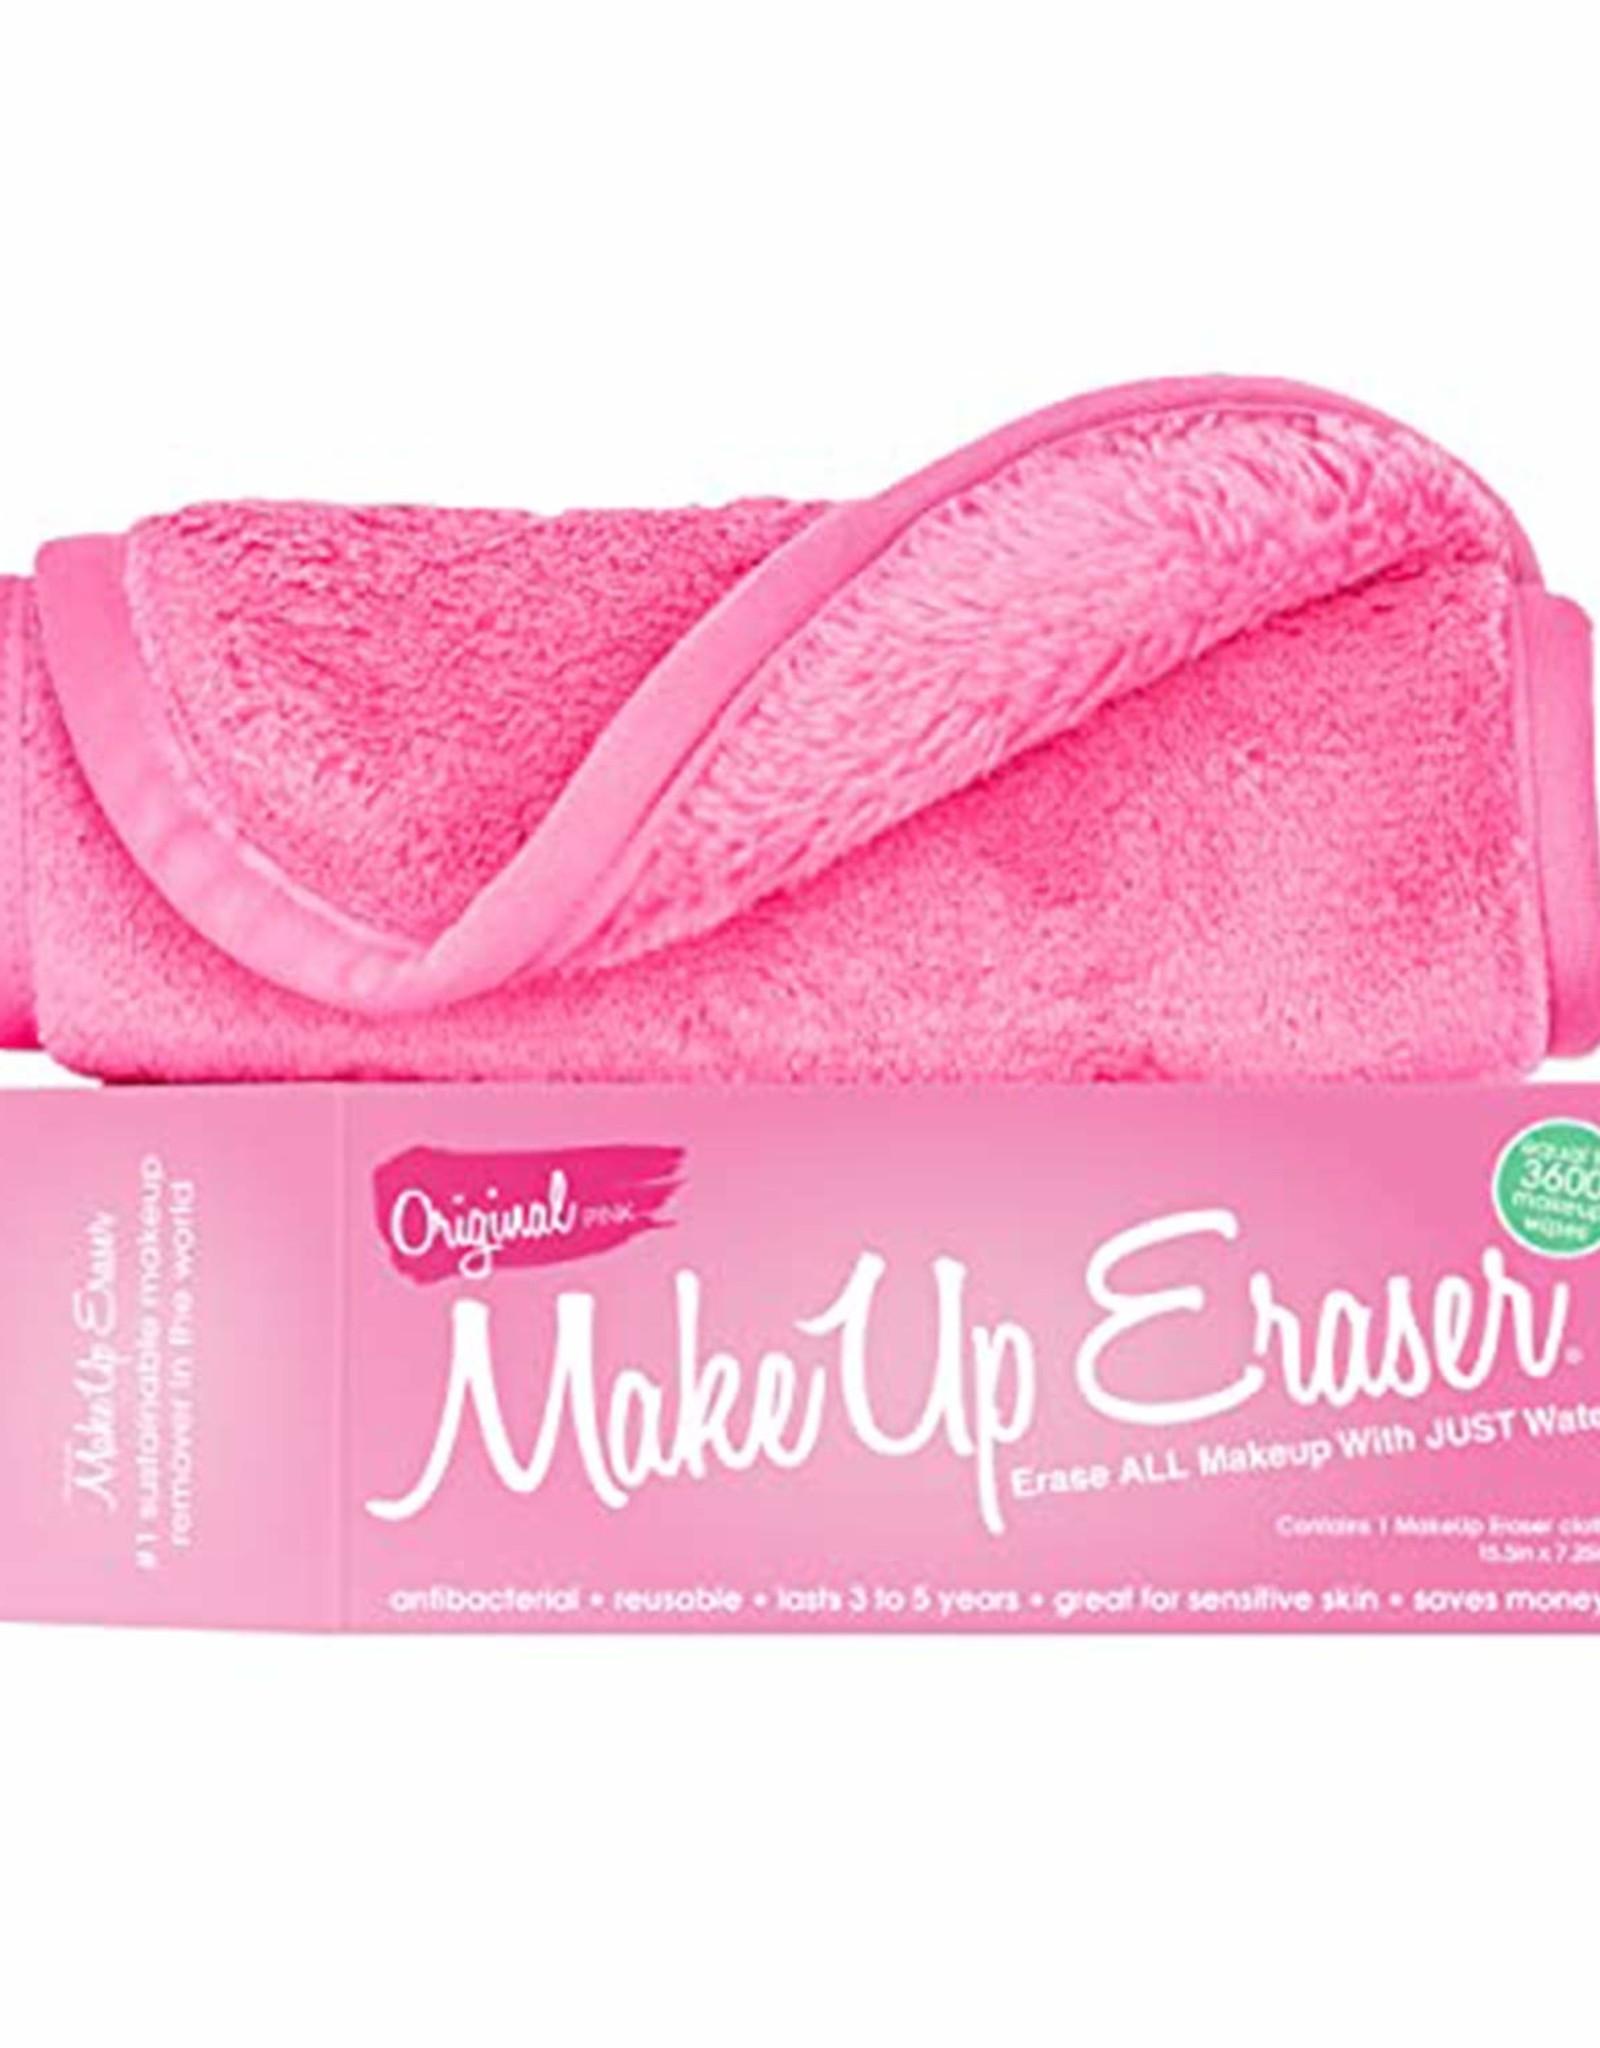 The Original MakeUp Eraser / MUE The Original MakeUp Eraser